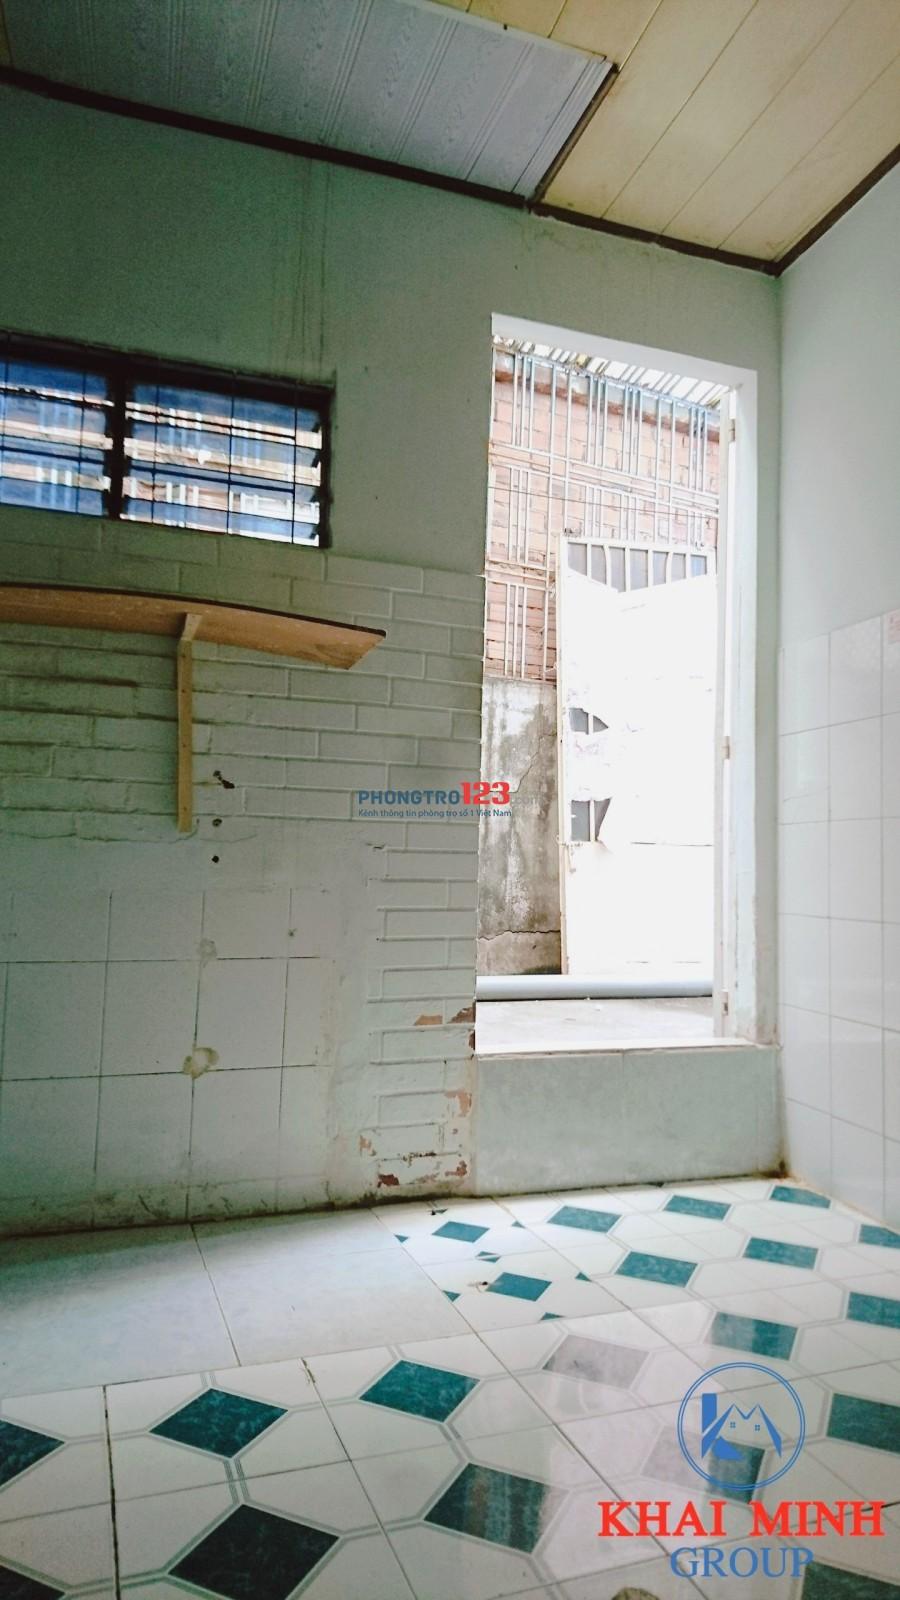 Phòng có sân sau, rộng 40m2, 391/33 Điện Biên Phủ, Bình Thạnh